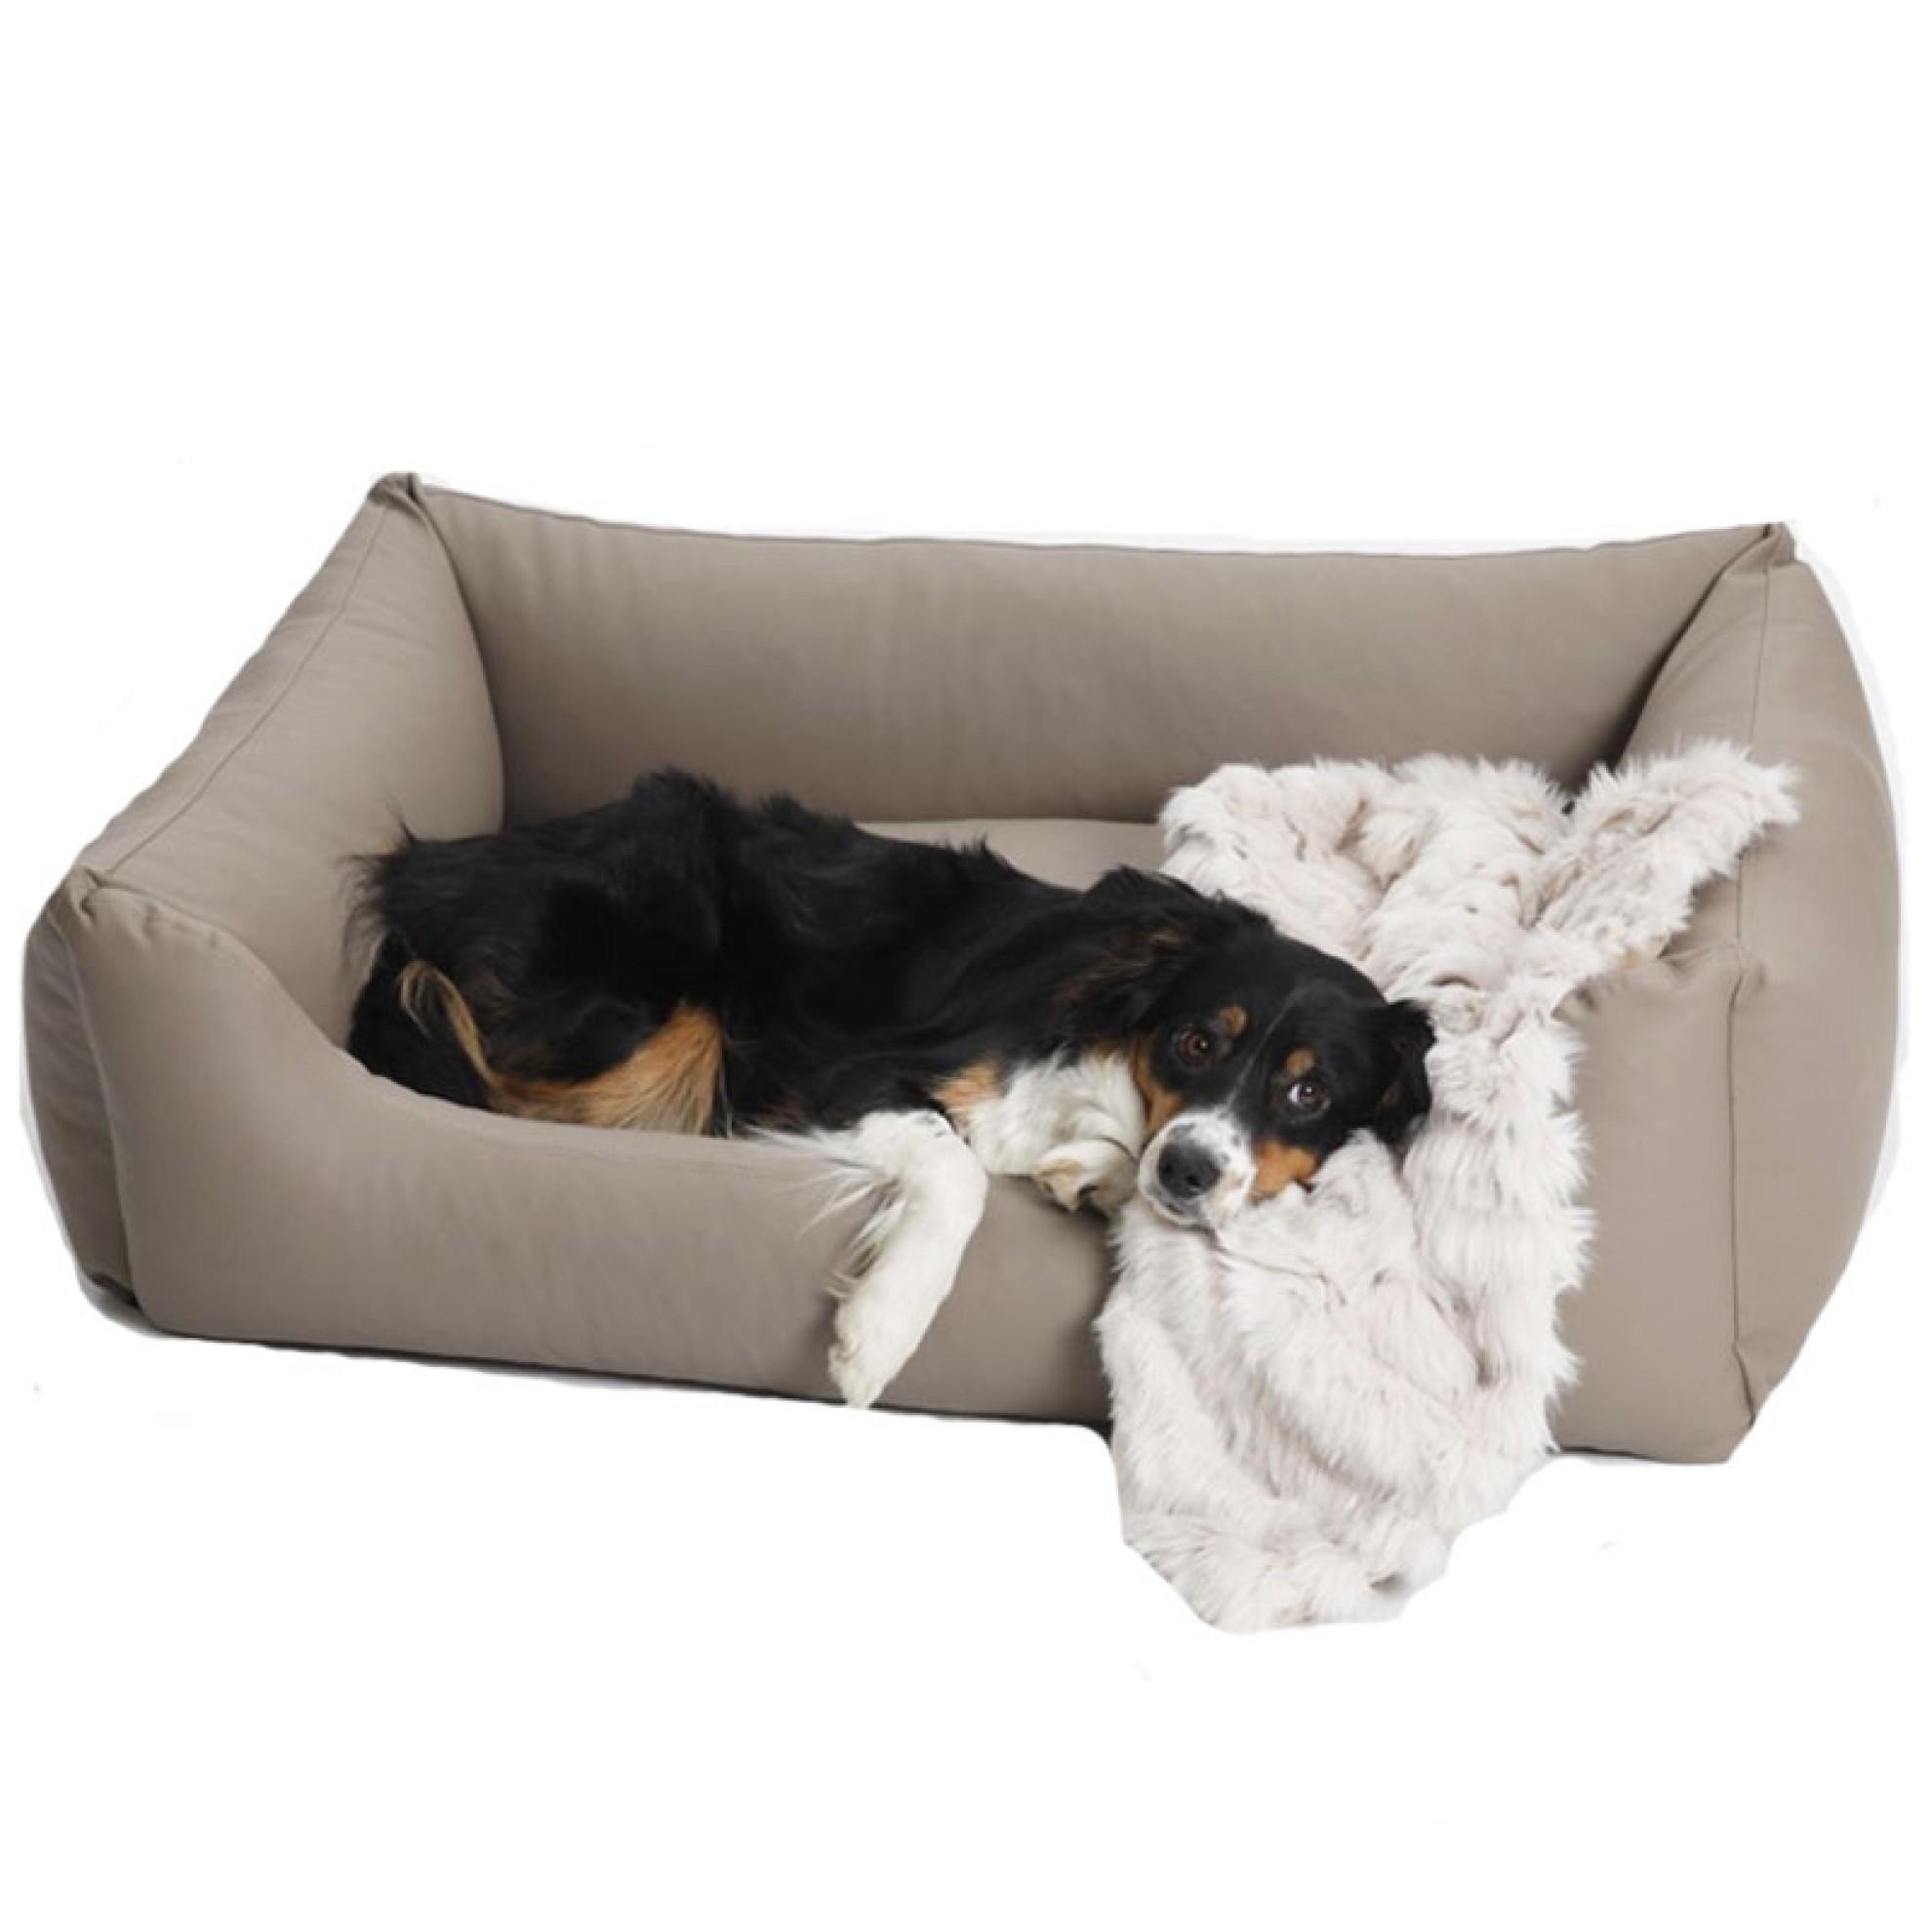 hundebett kunstleder sand in 3 gr ssen hundebett. Black Bedroom Furniture Sets. Home Design Ideas